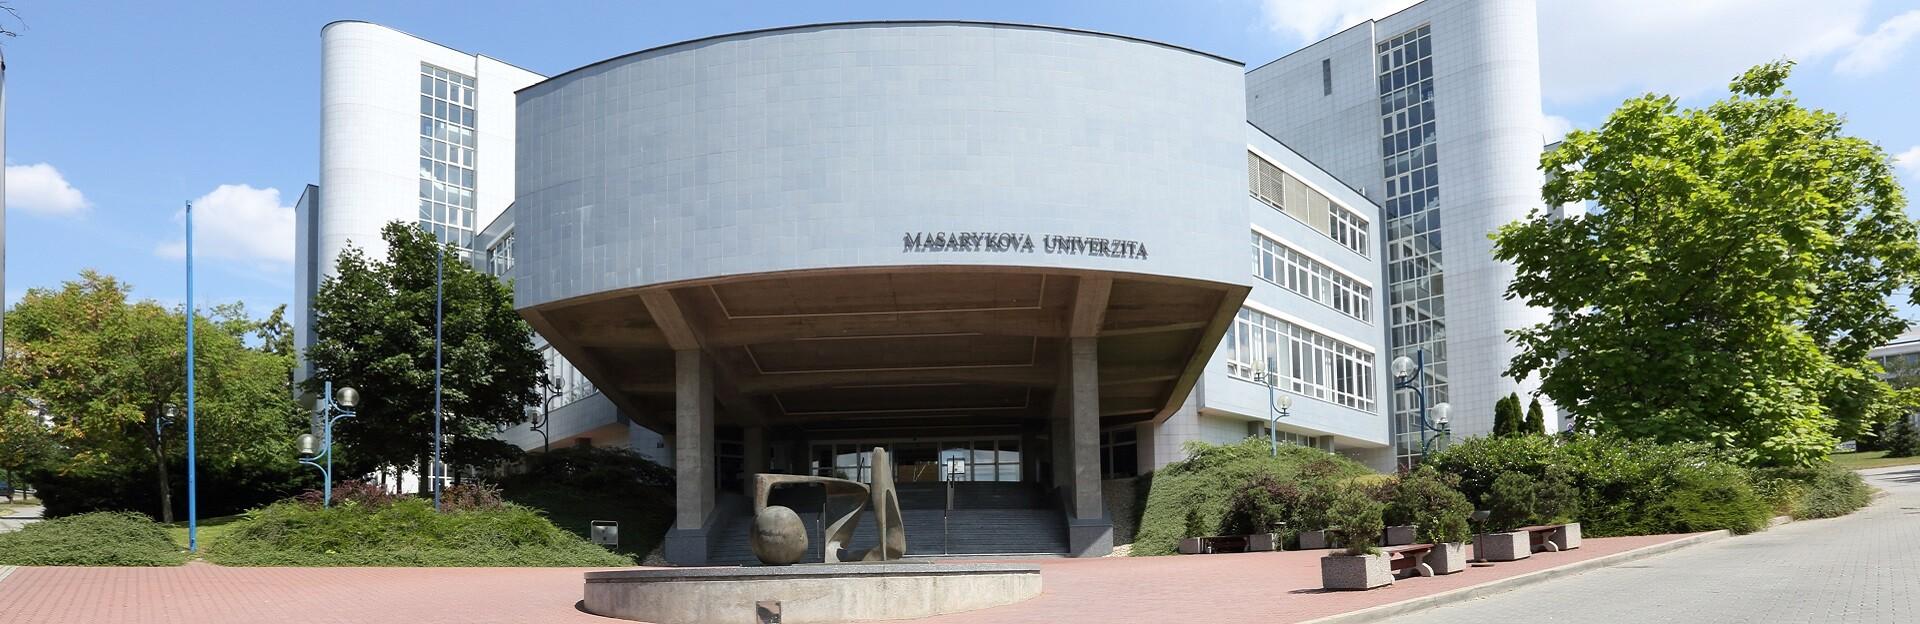 Ekonomicko-správní fakulta (ESFMU)